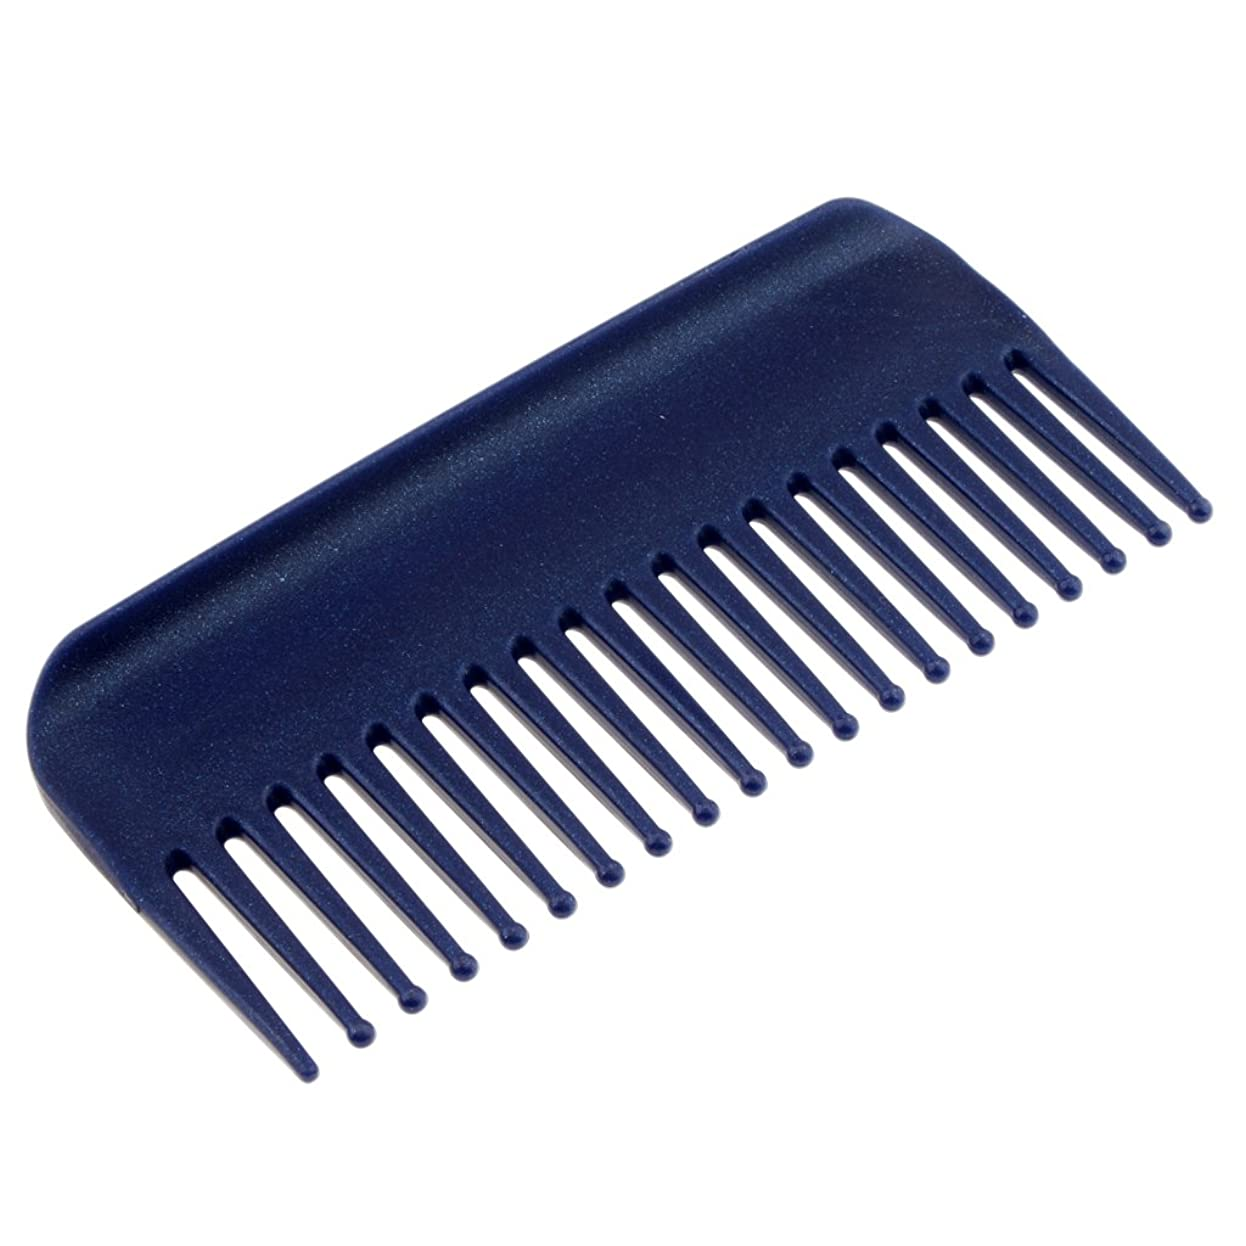 政治家吹雪二Perfk ヘアブラシ ヘアコーム コーム 櫛 くし 頭皮 マッサージ 耐熱性 帯電防止 高品質 4色選べる - 青